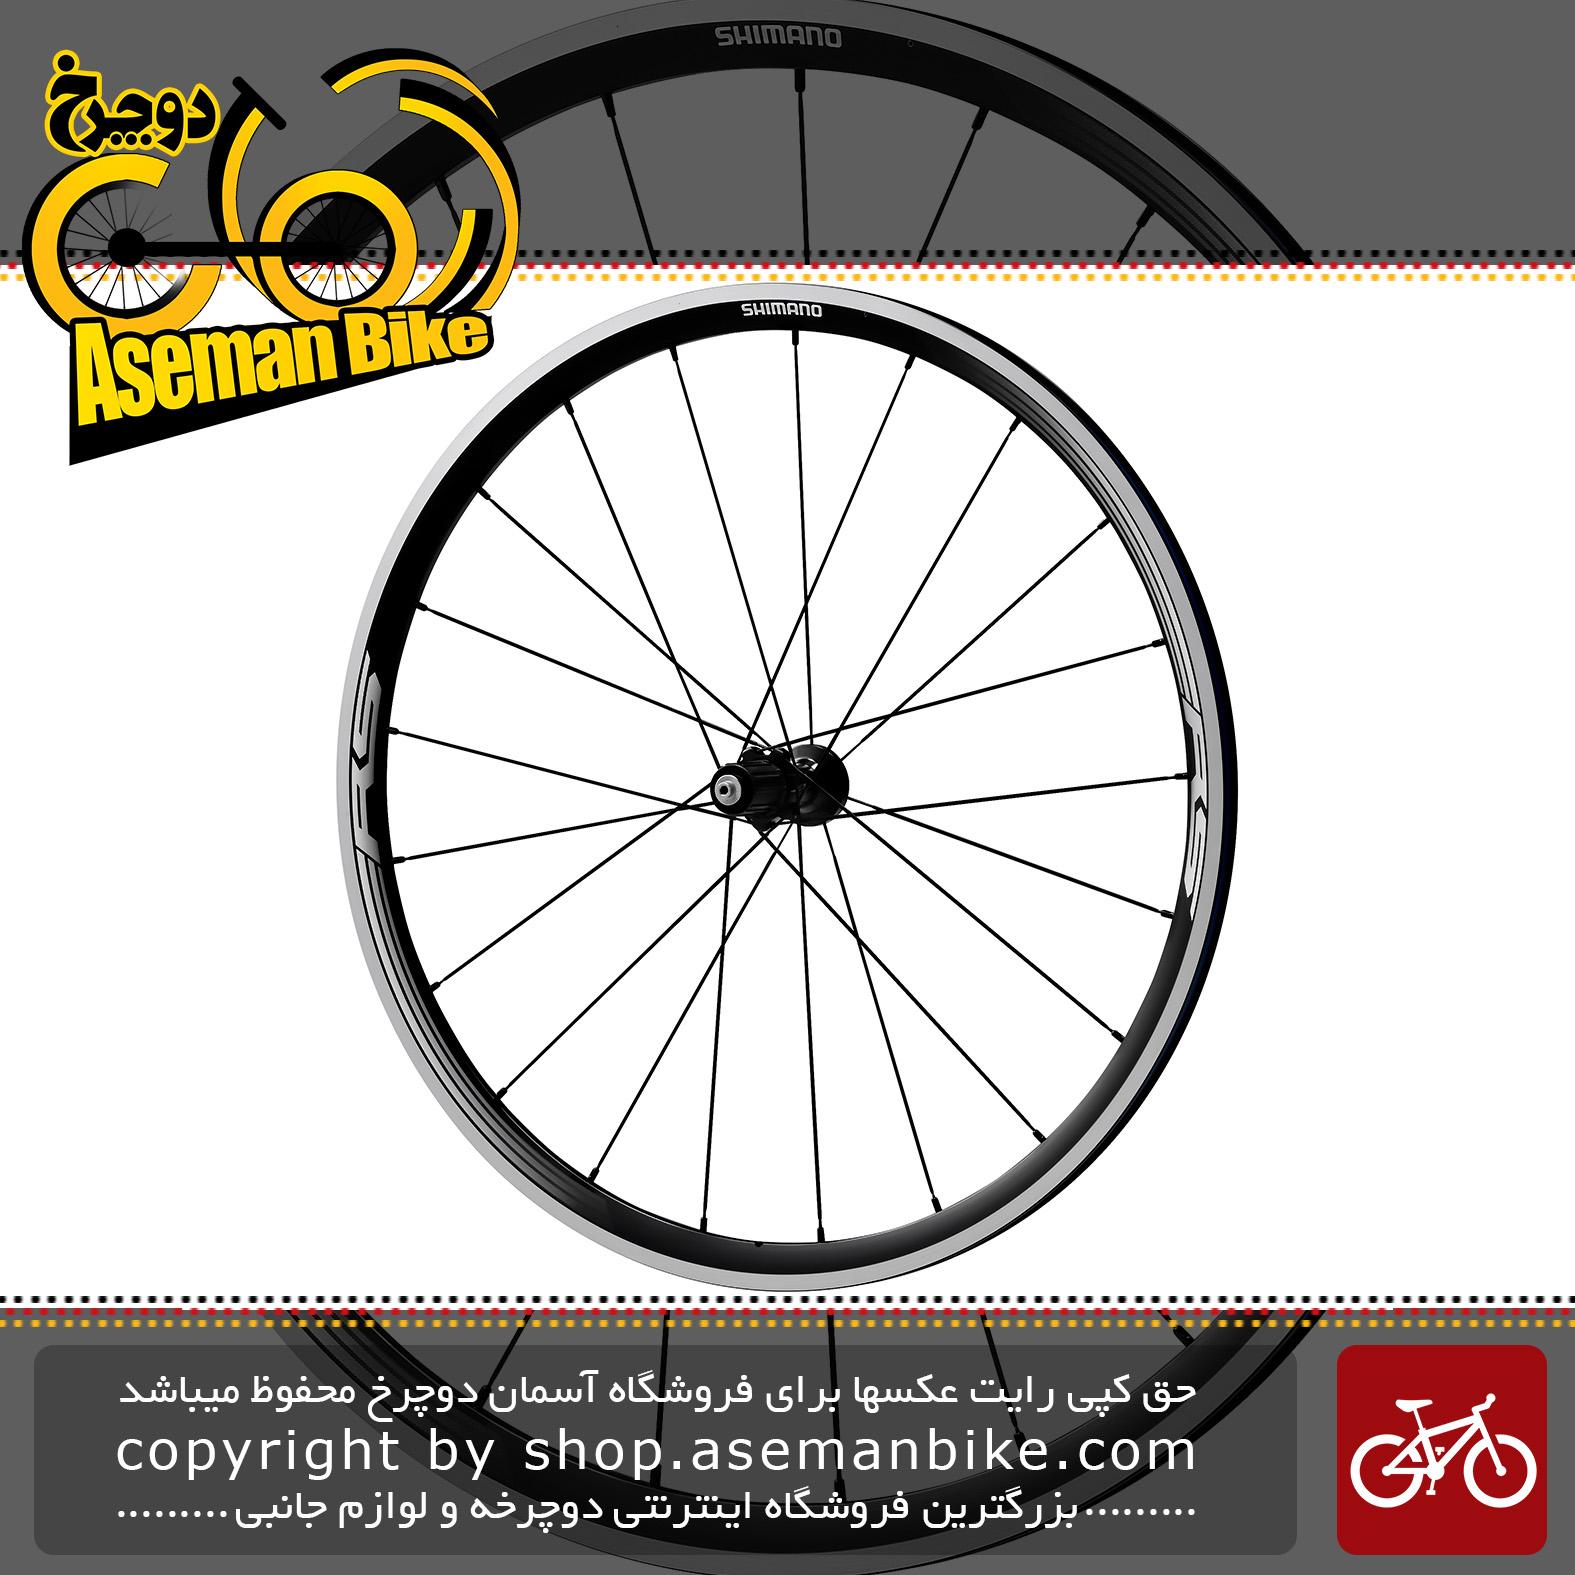 طوقه کامل دوچرخه شیمانو SHIMANO Wheelset 105 WH-RS330-CL-Front & Rear Comfort and performance for everyday riding